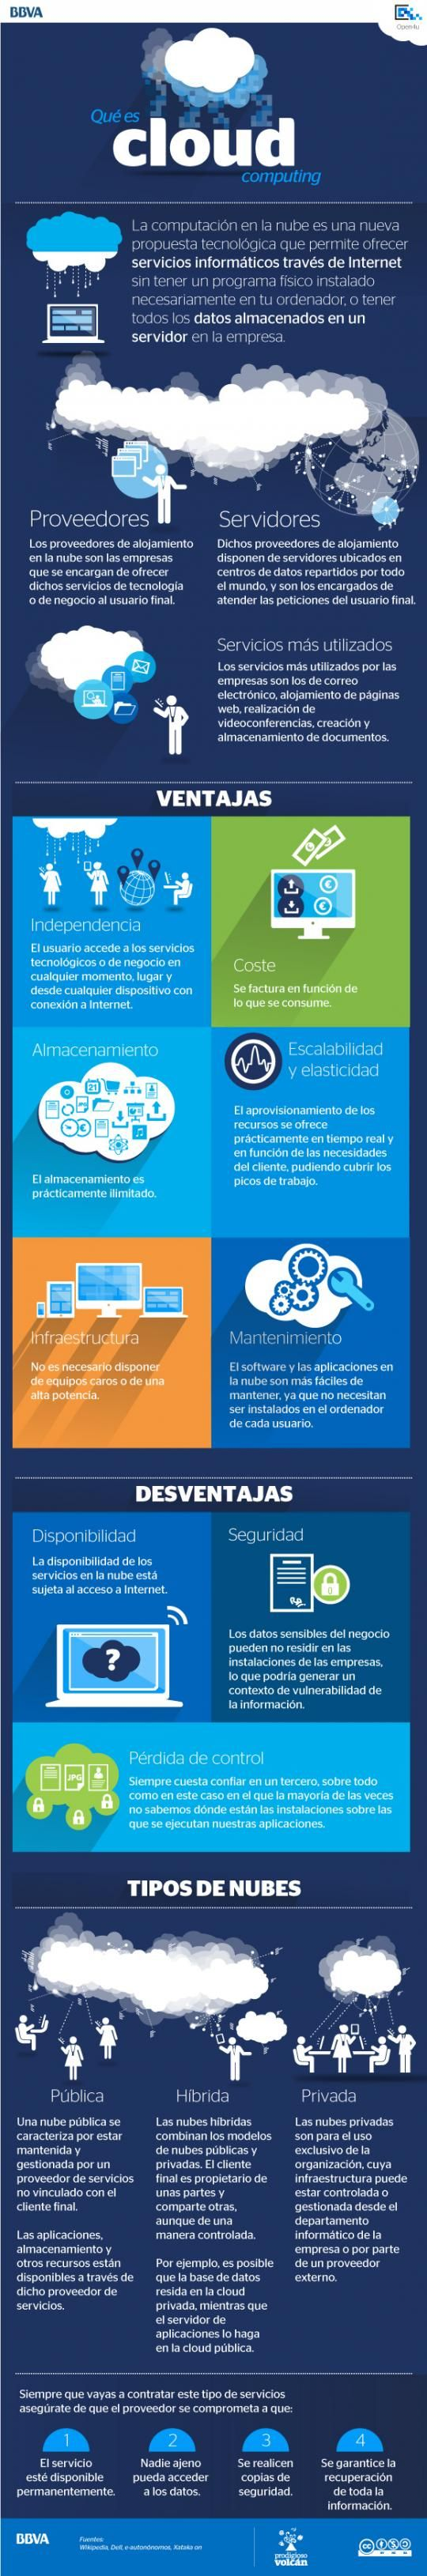 ¿Qué es #cloud computing?  #infografía #infographics #nube #developers #desarrolladores #infografíasBBVA